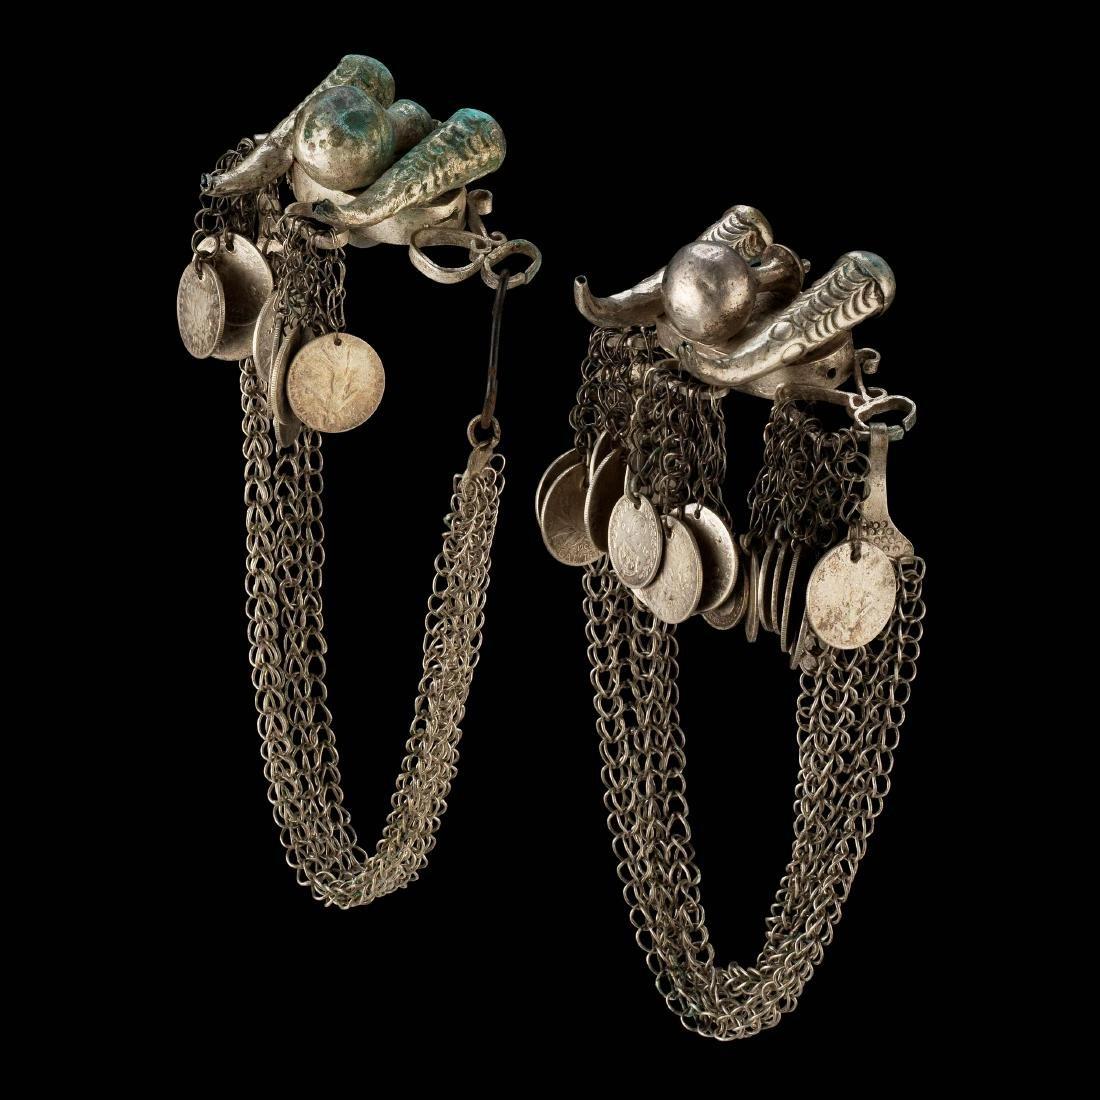 2 Fon-Armbänder, Paar / Fon Pair of Bracelets